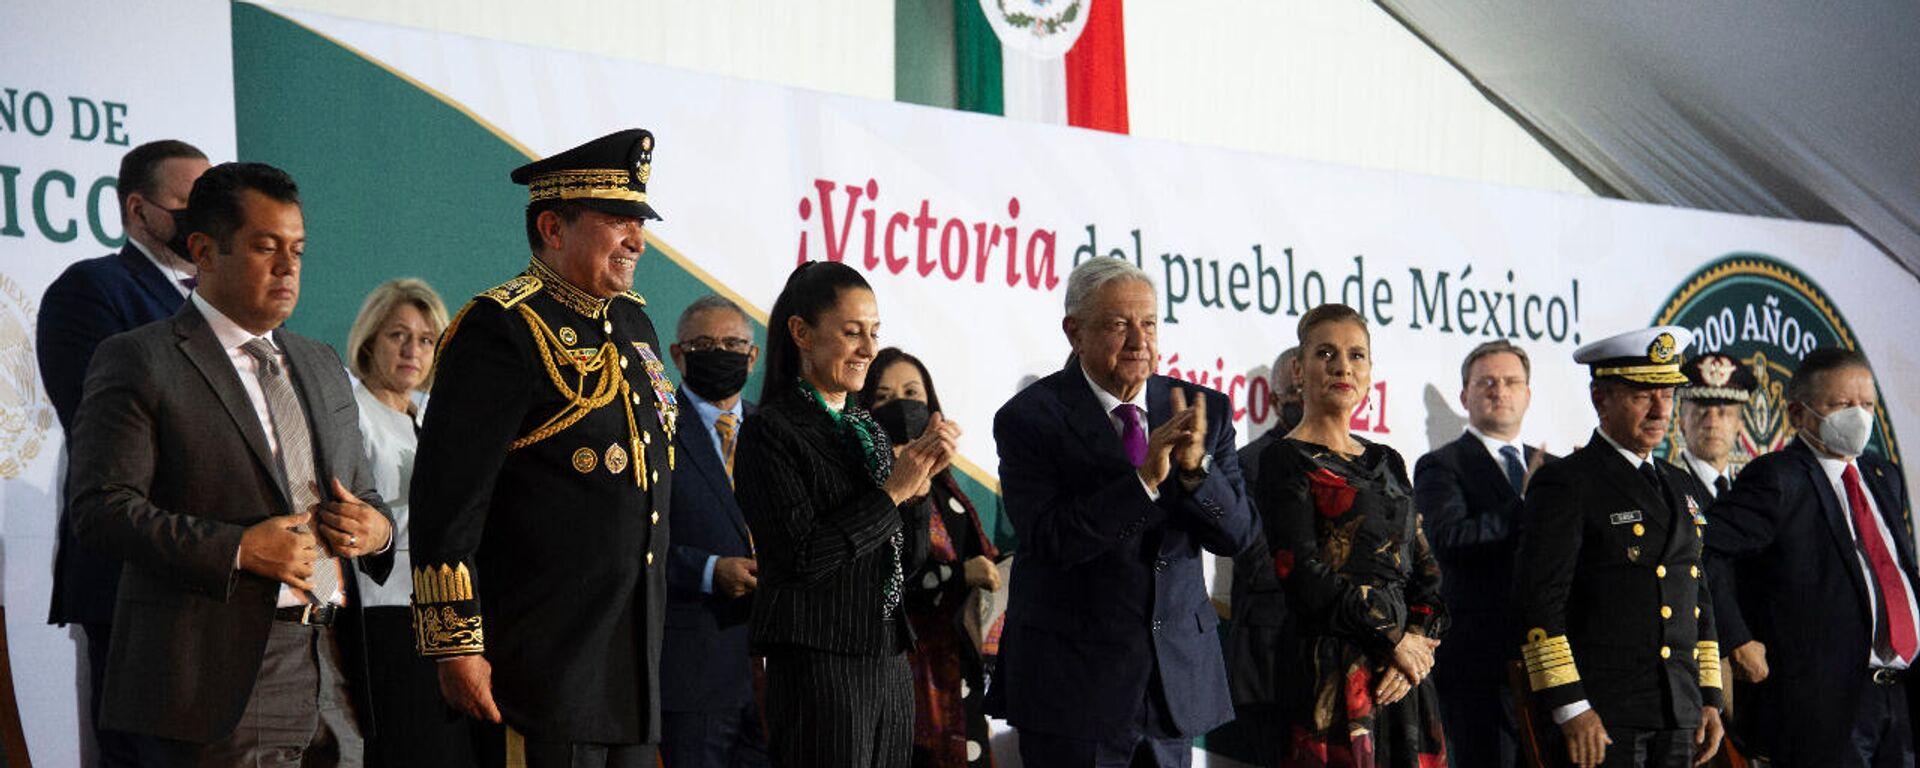 Ceremonia de conmemoración de los 200 años de la Independencia de México - Sputnik Mundo, 1920, 28.09.2021